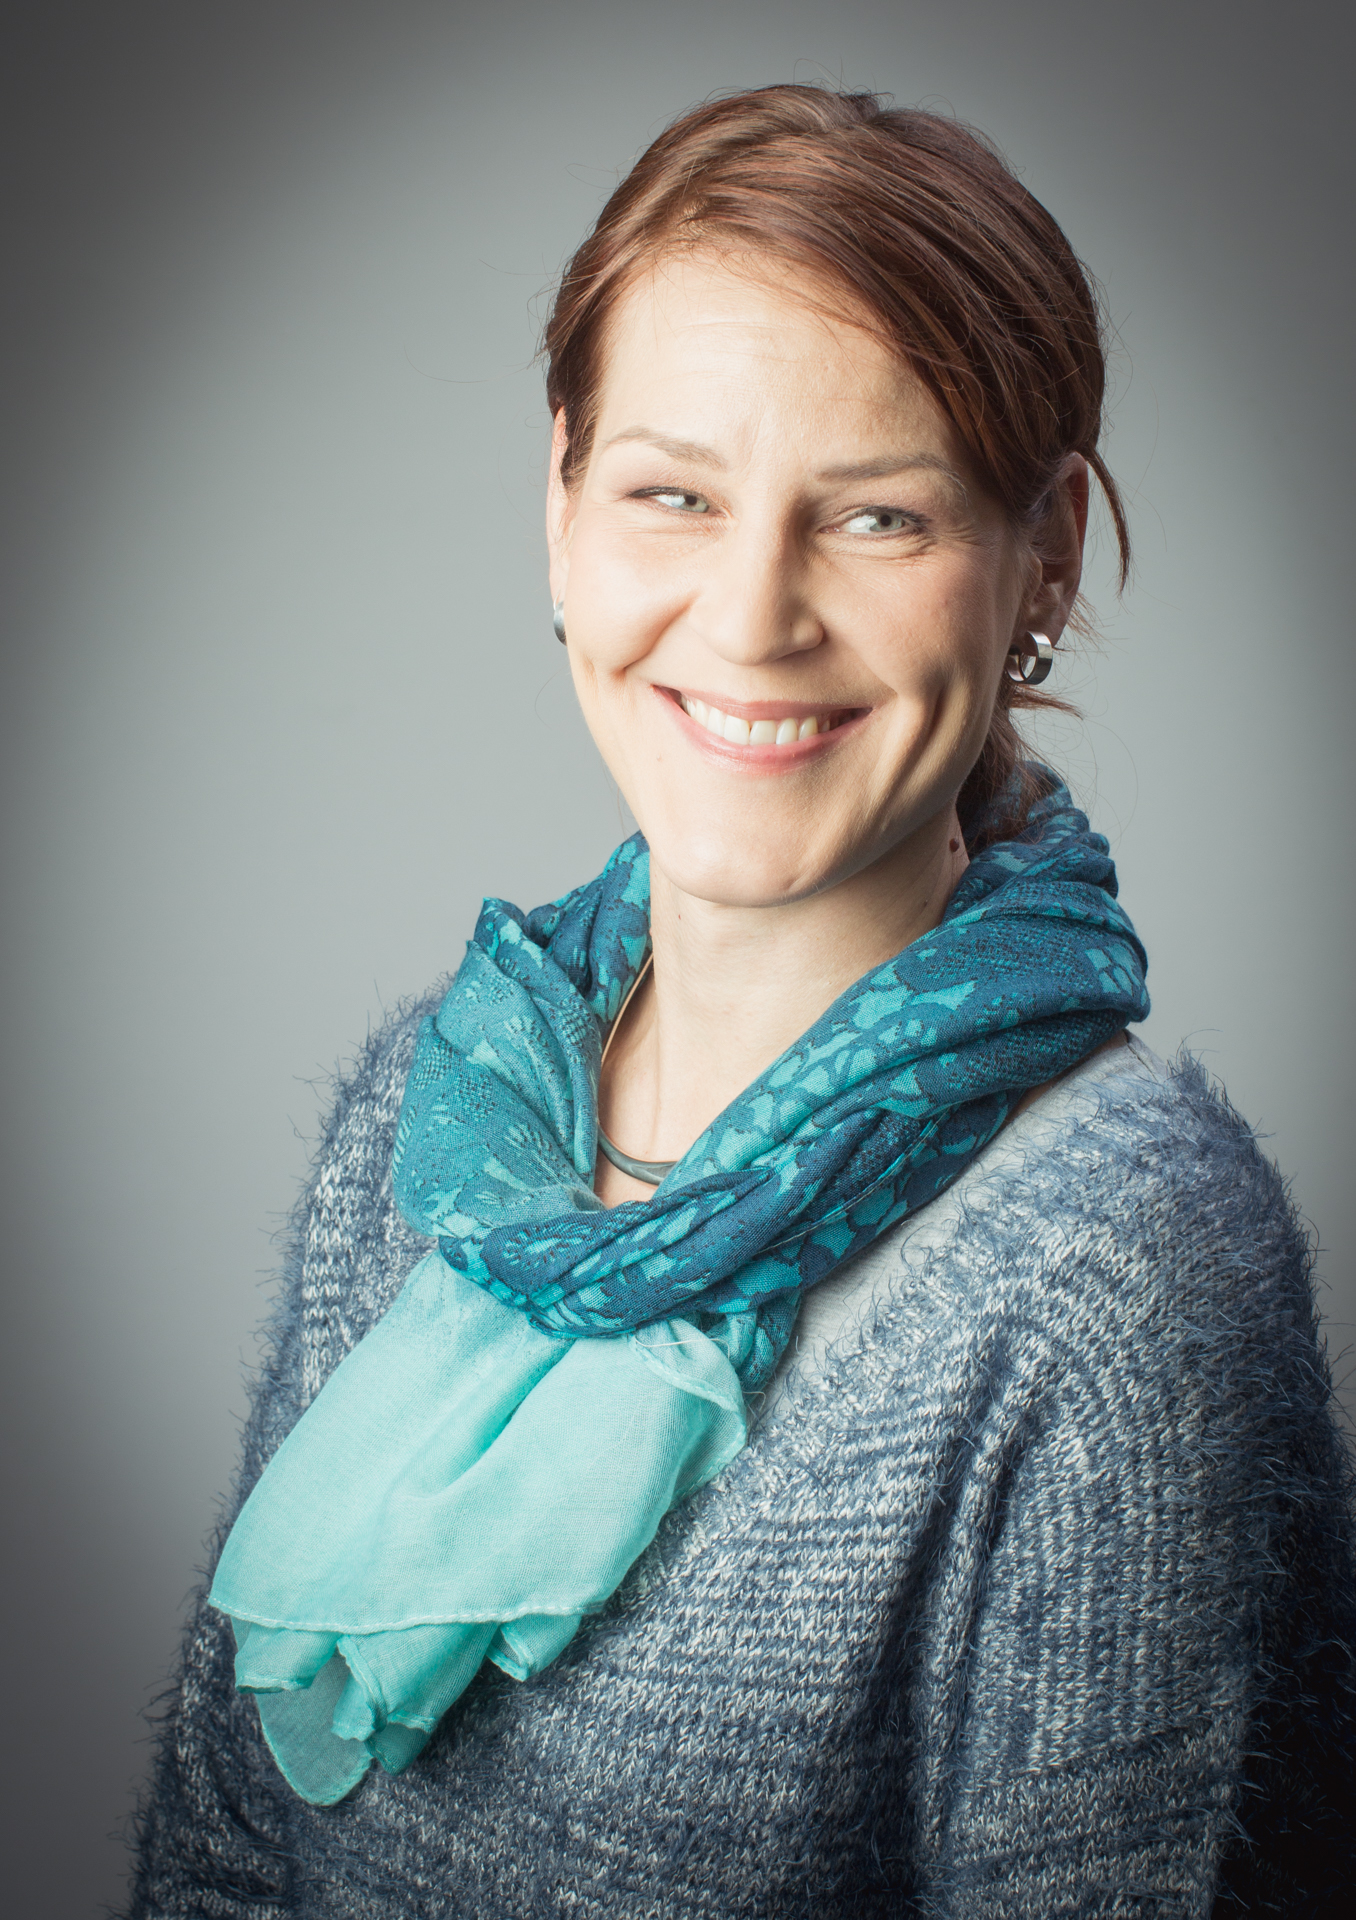 Hanna Vuorinen